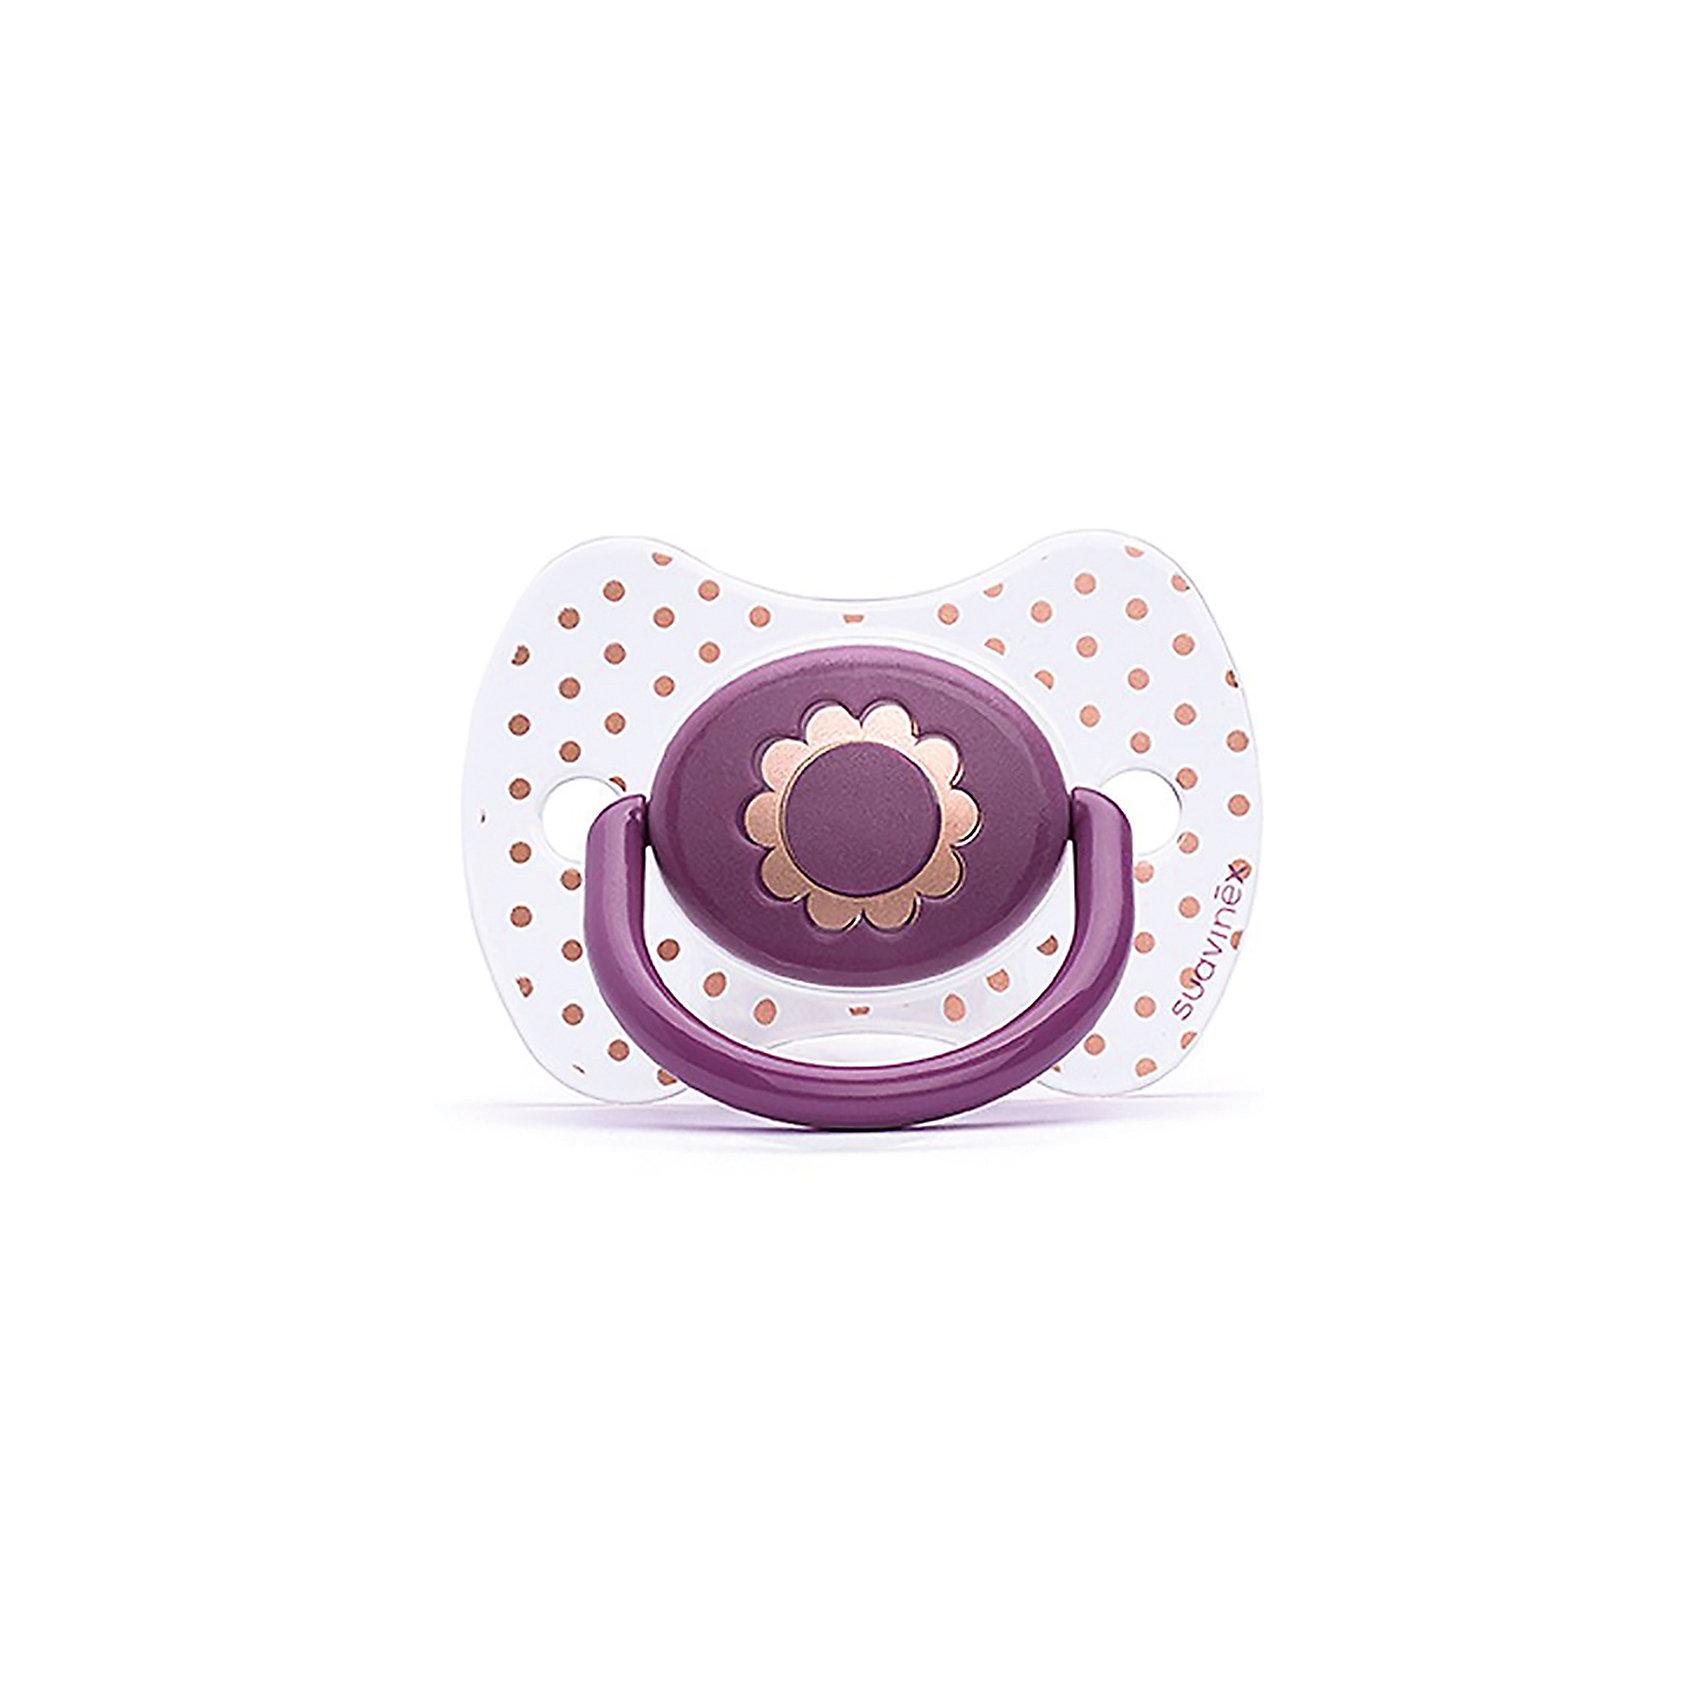 Пустышка силиконовая Haute Couture, от 4 мес, Suavinex, фиолетовый цветок